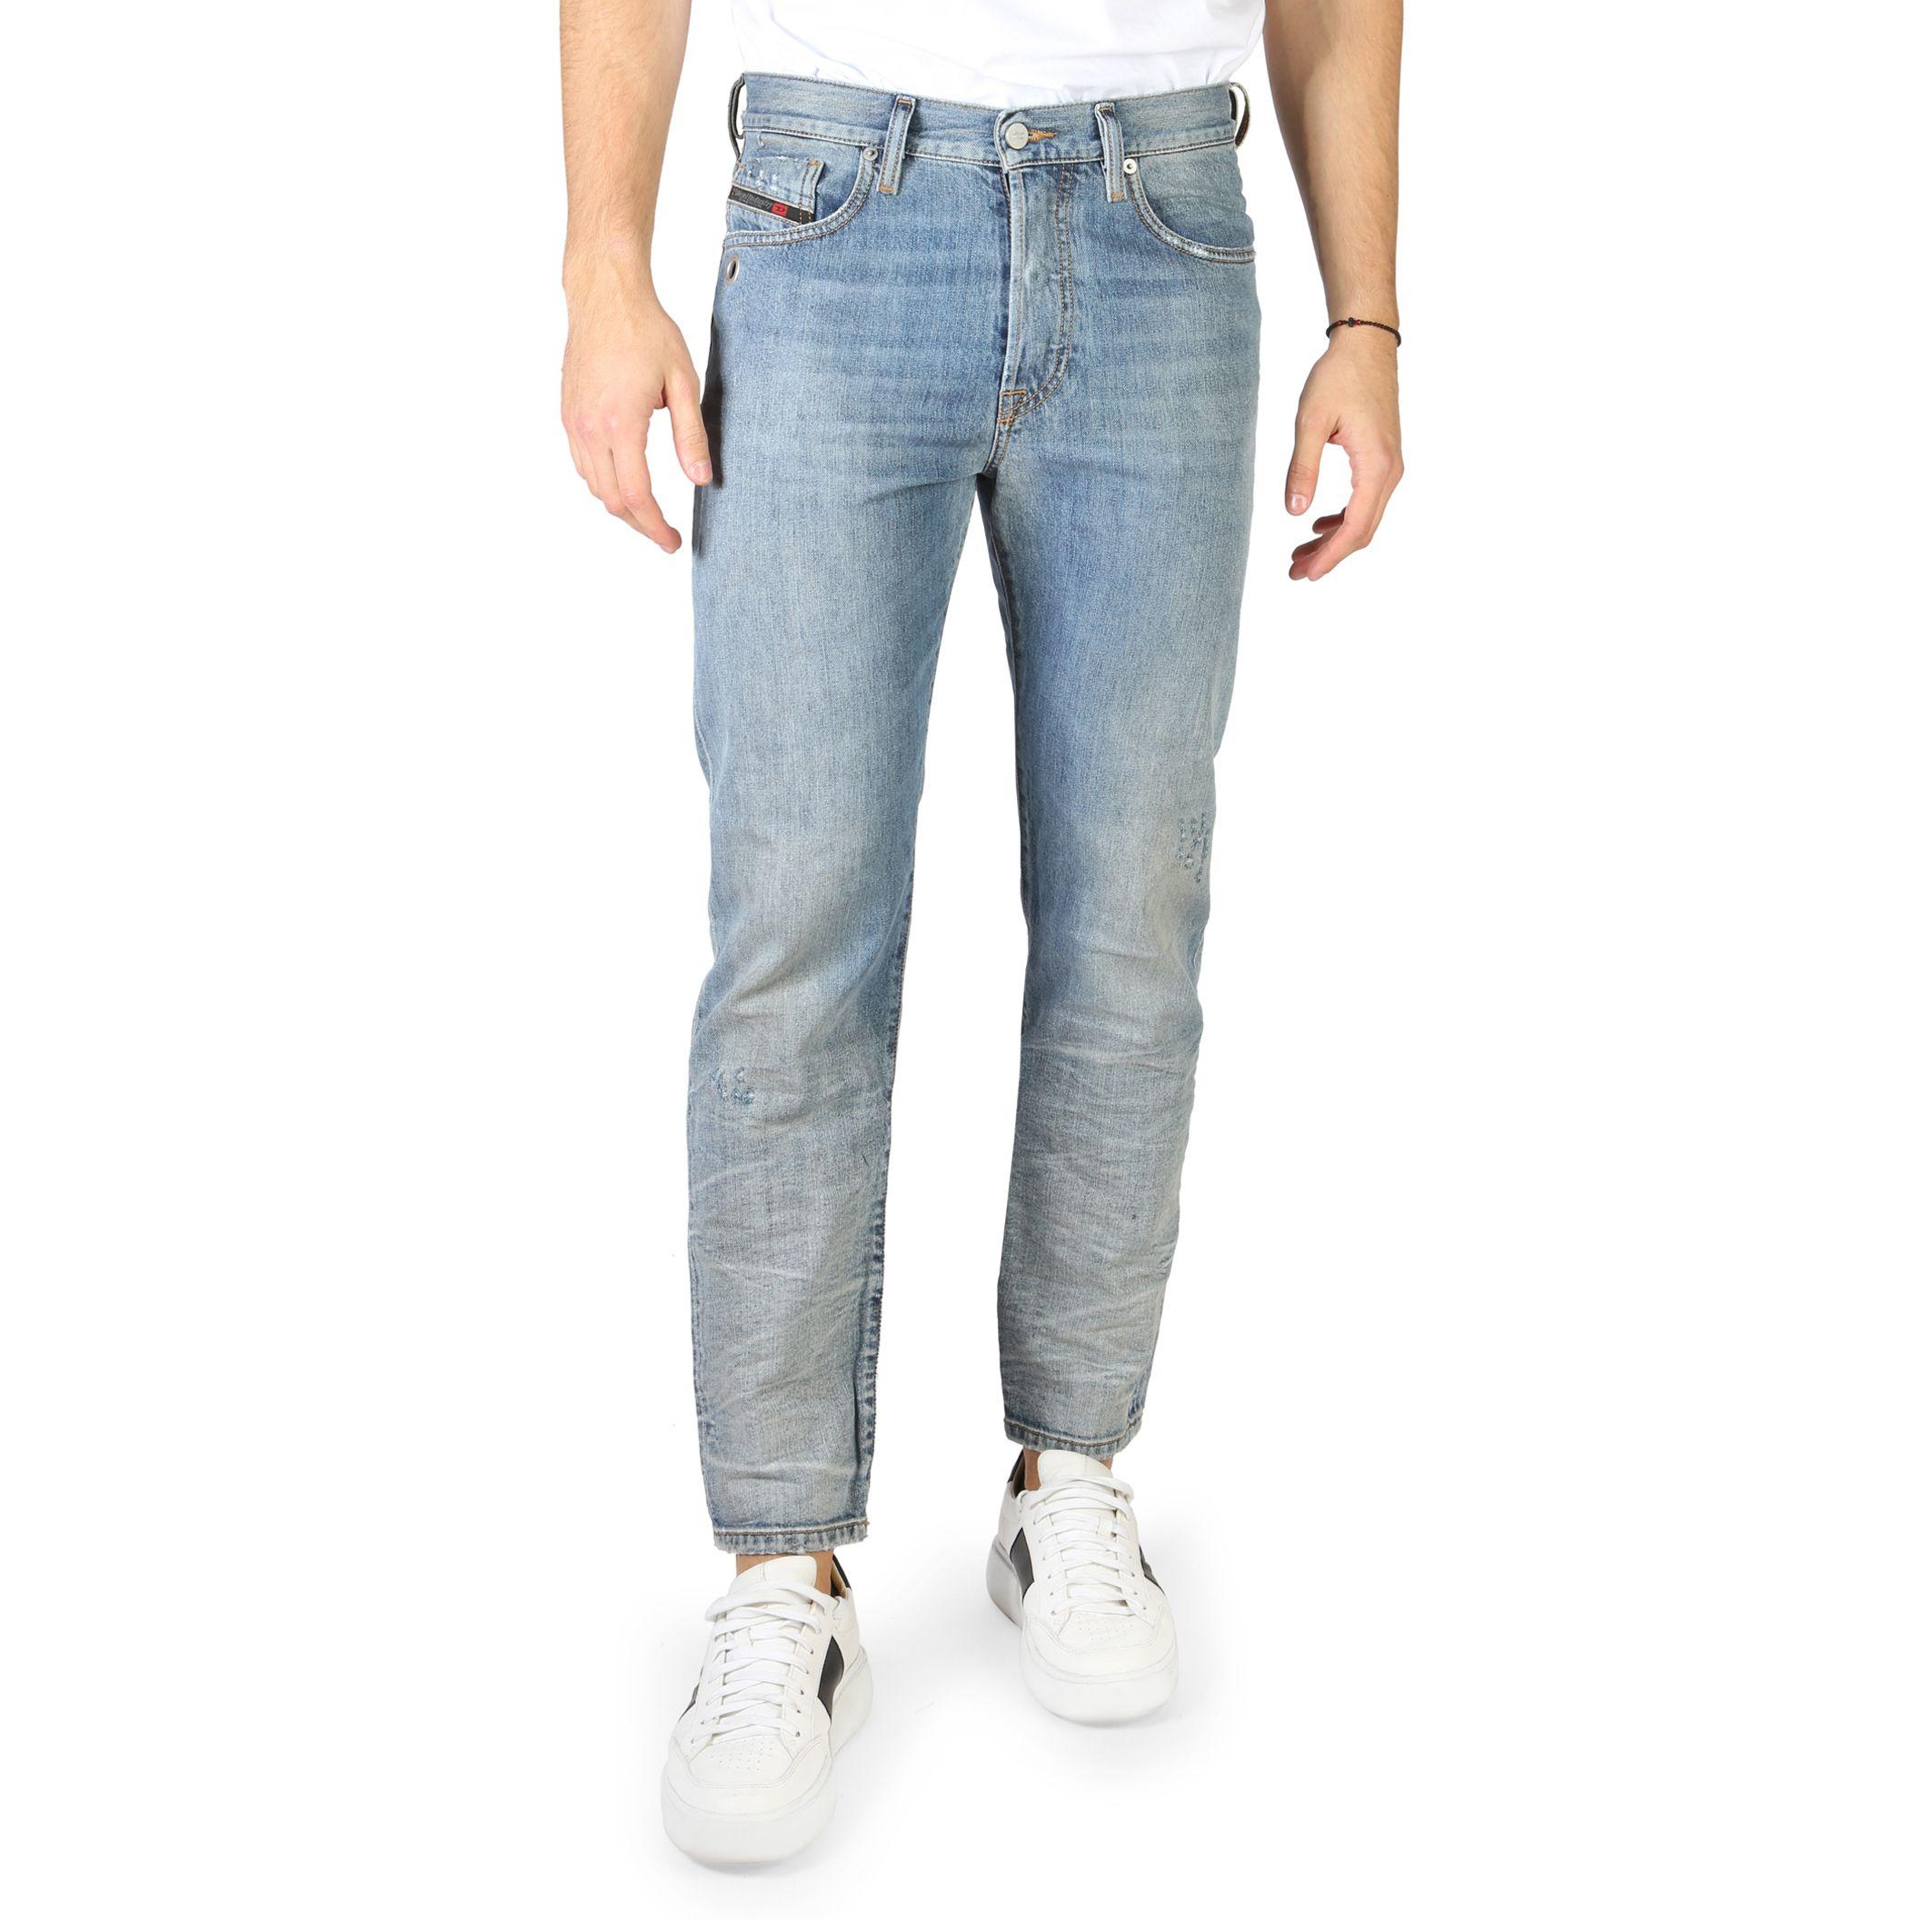 Diesel – MHARKY L32 Ljusblå Jeans